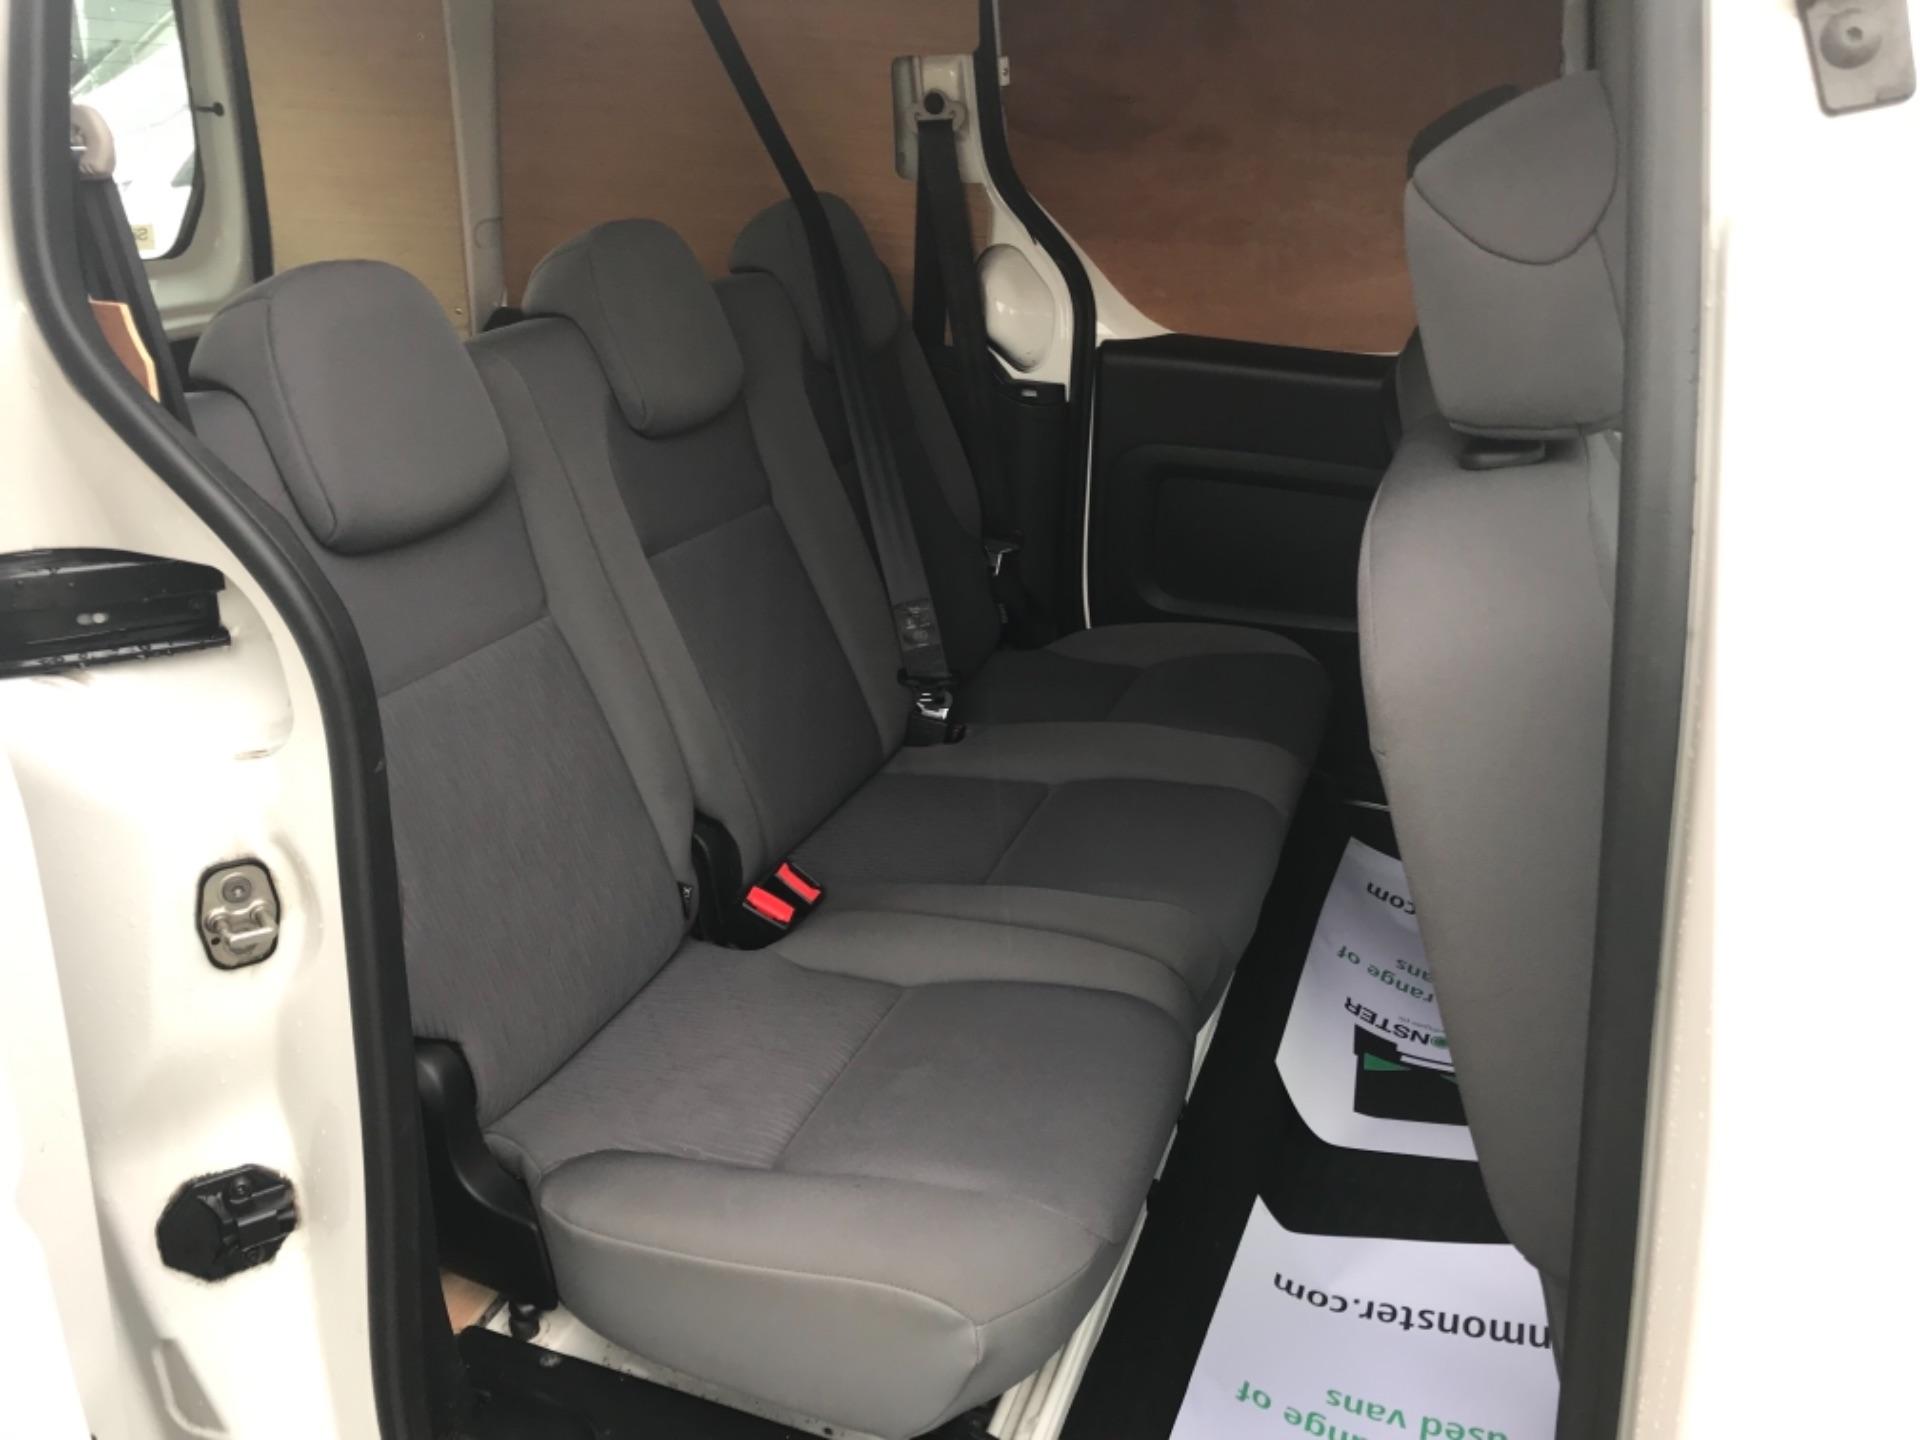 2016 Peugeot Partner L2 715 S 1.6 92PS CREW VAN EURO 5 (NU16HFZ) Image 11